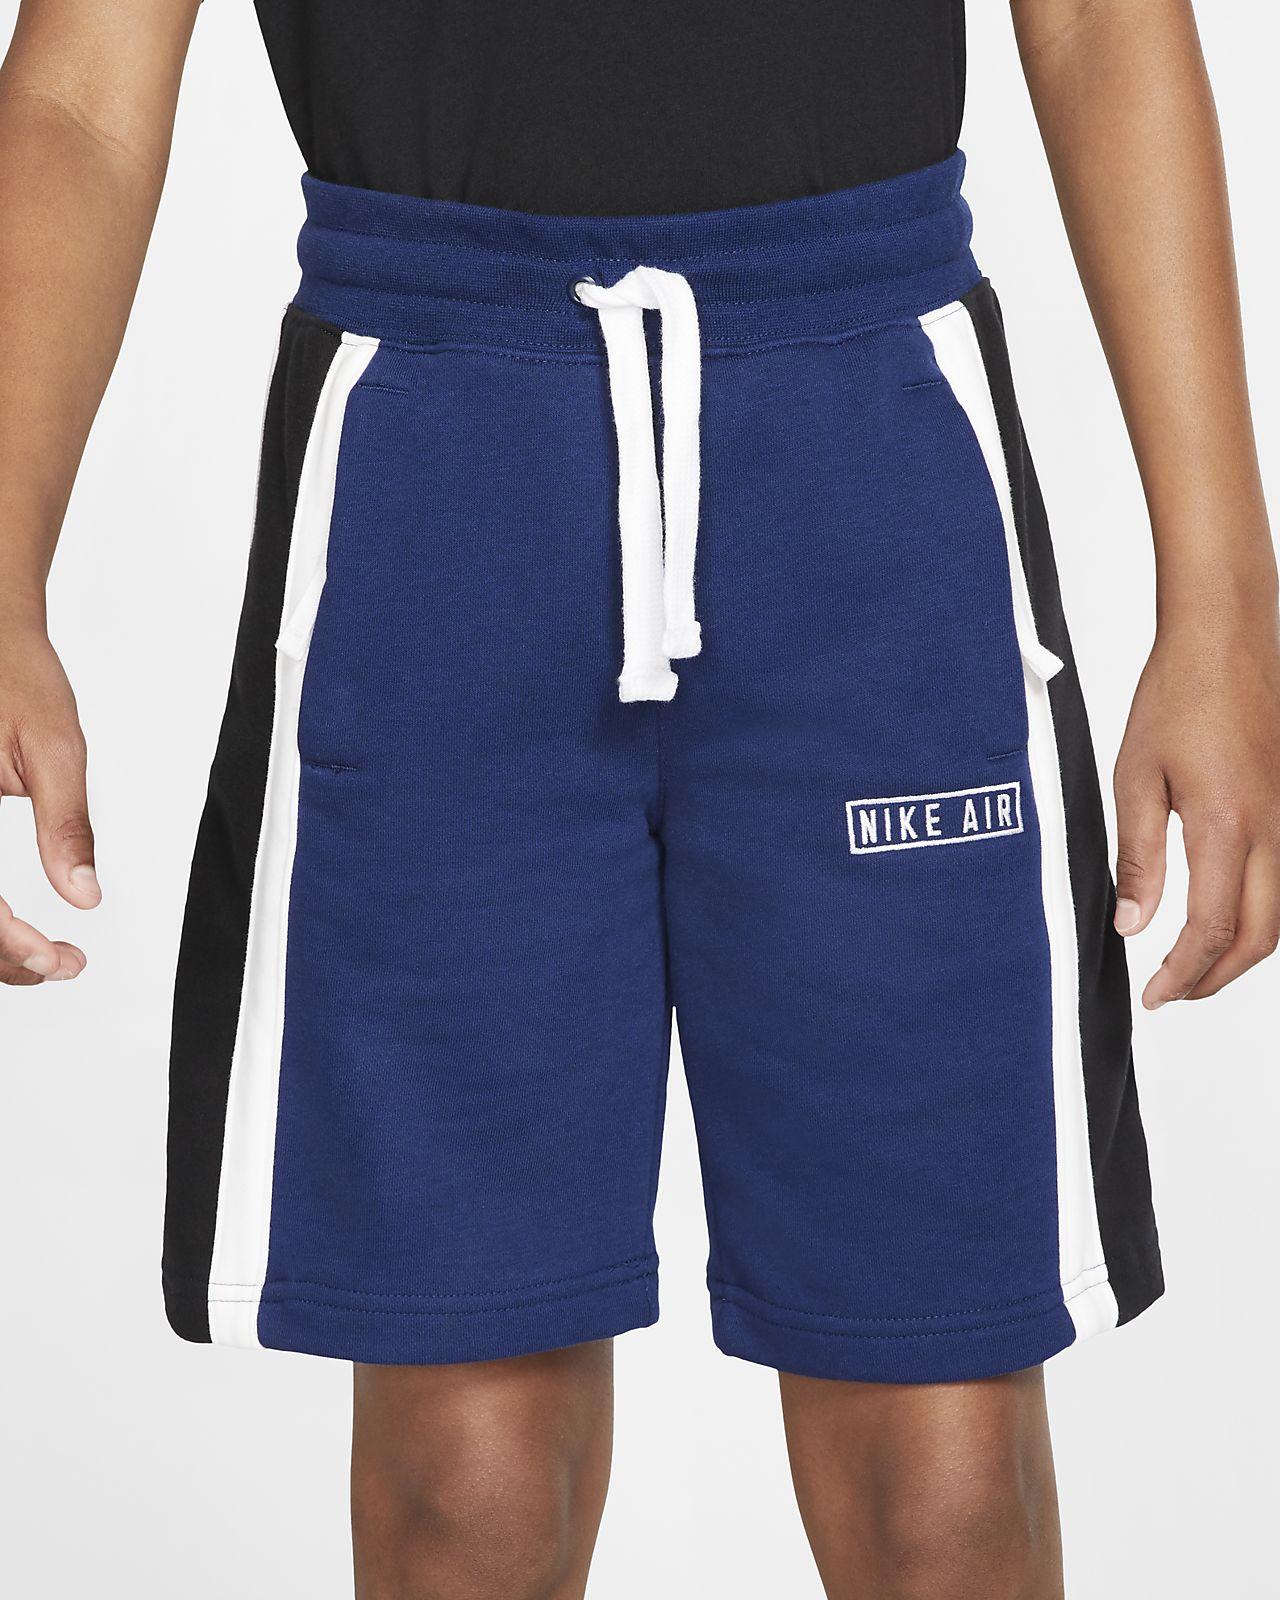 Shorts Nike Air - Ragazzo